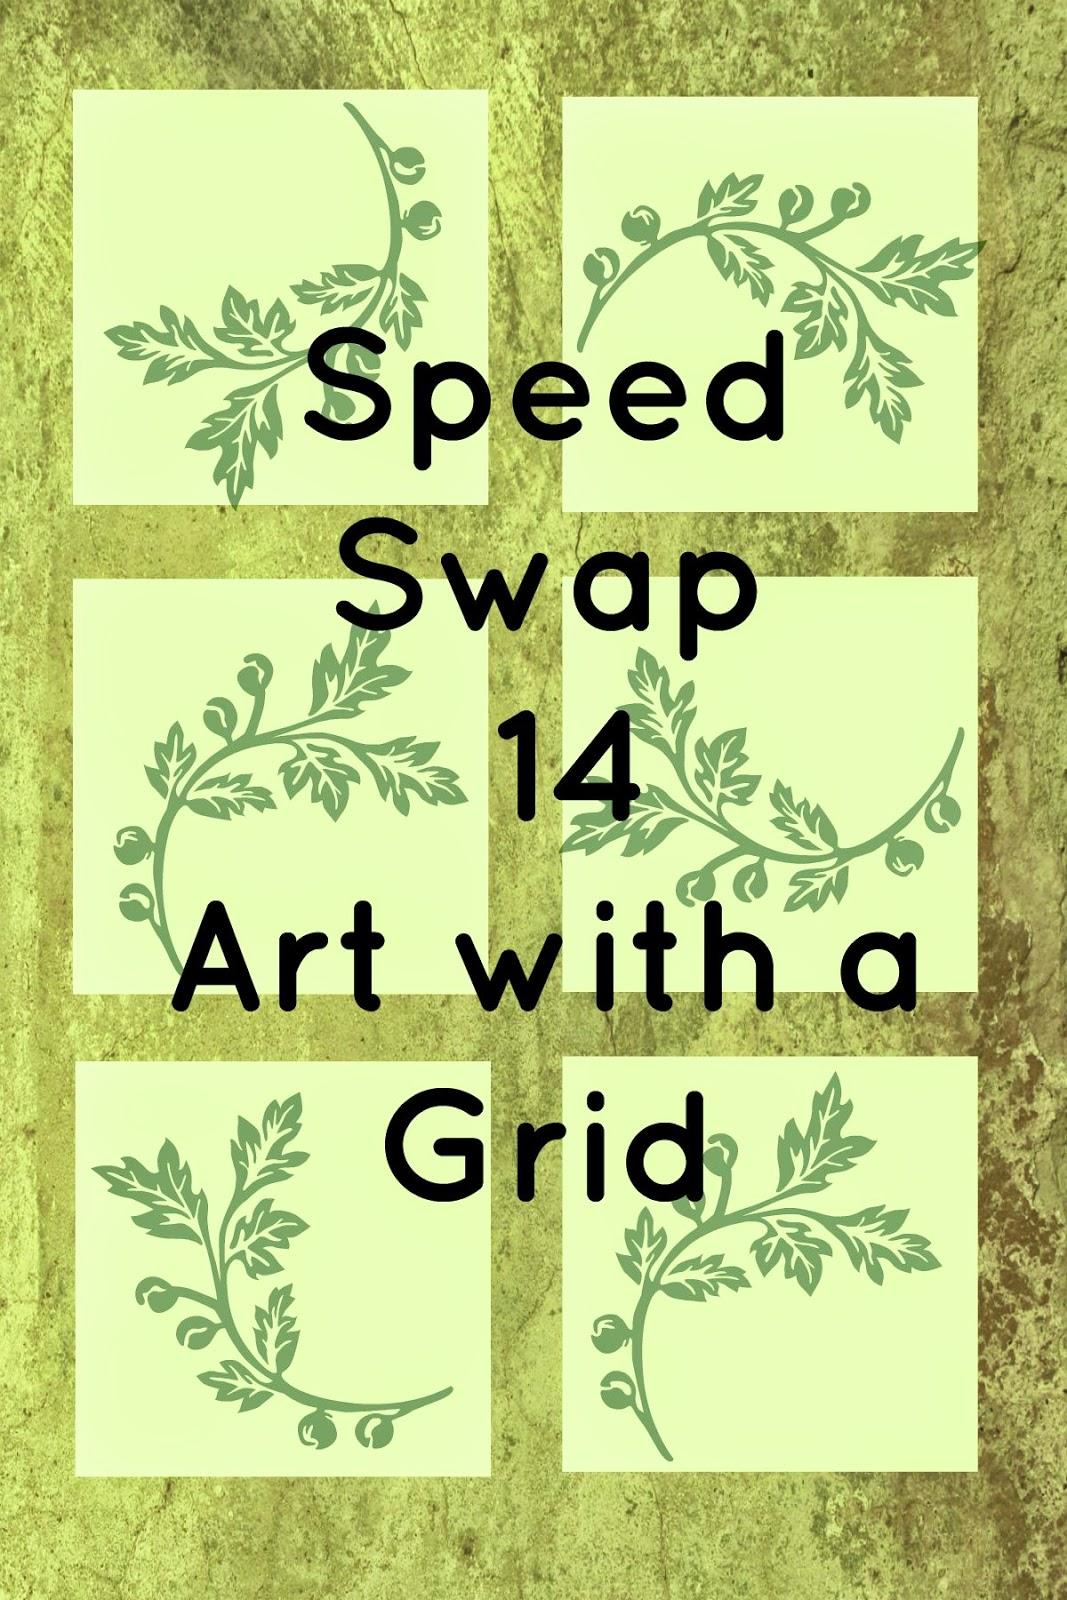 http://1.bp.blogspot.com/-ShbZD4Onuig/VR2B4ByxzrI/AAAAAAAALkE/NaR3U65yVvE/s1600/speed%2Bswap%2B14.jpg